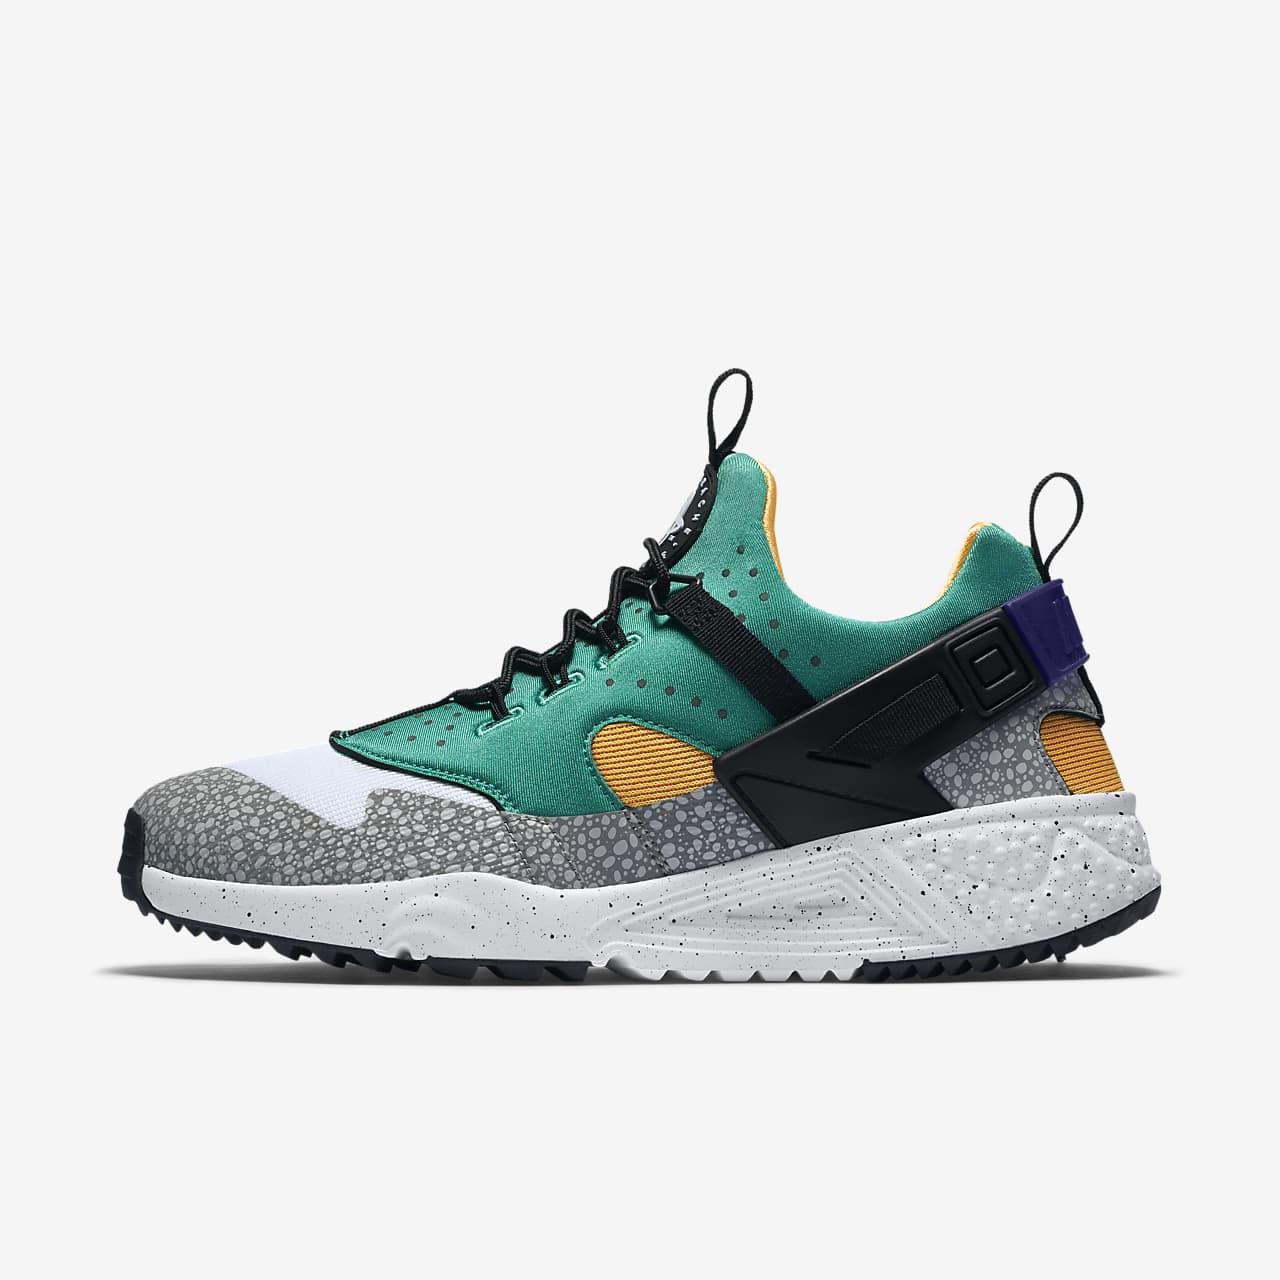 Nike Air Huarache Utility PRM 男子运动鞋